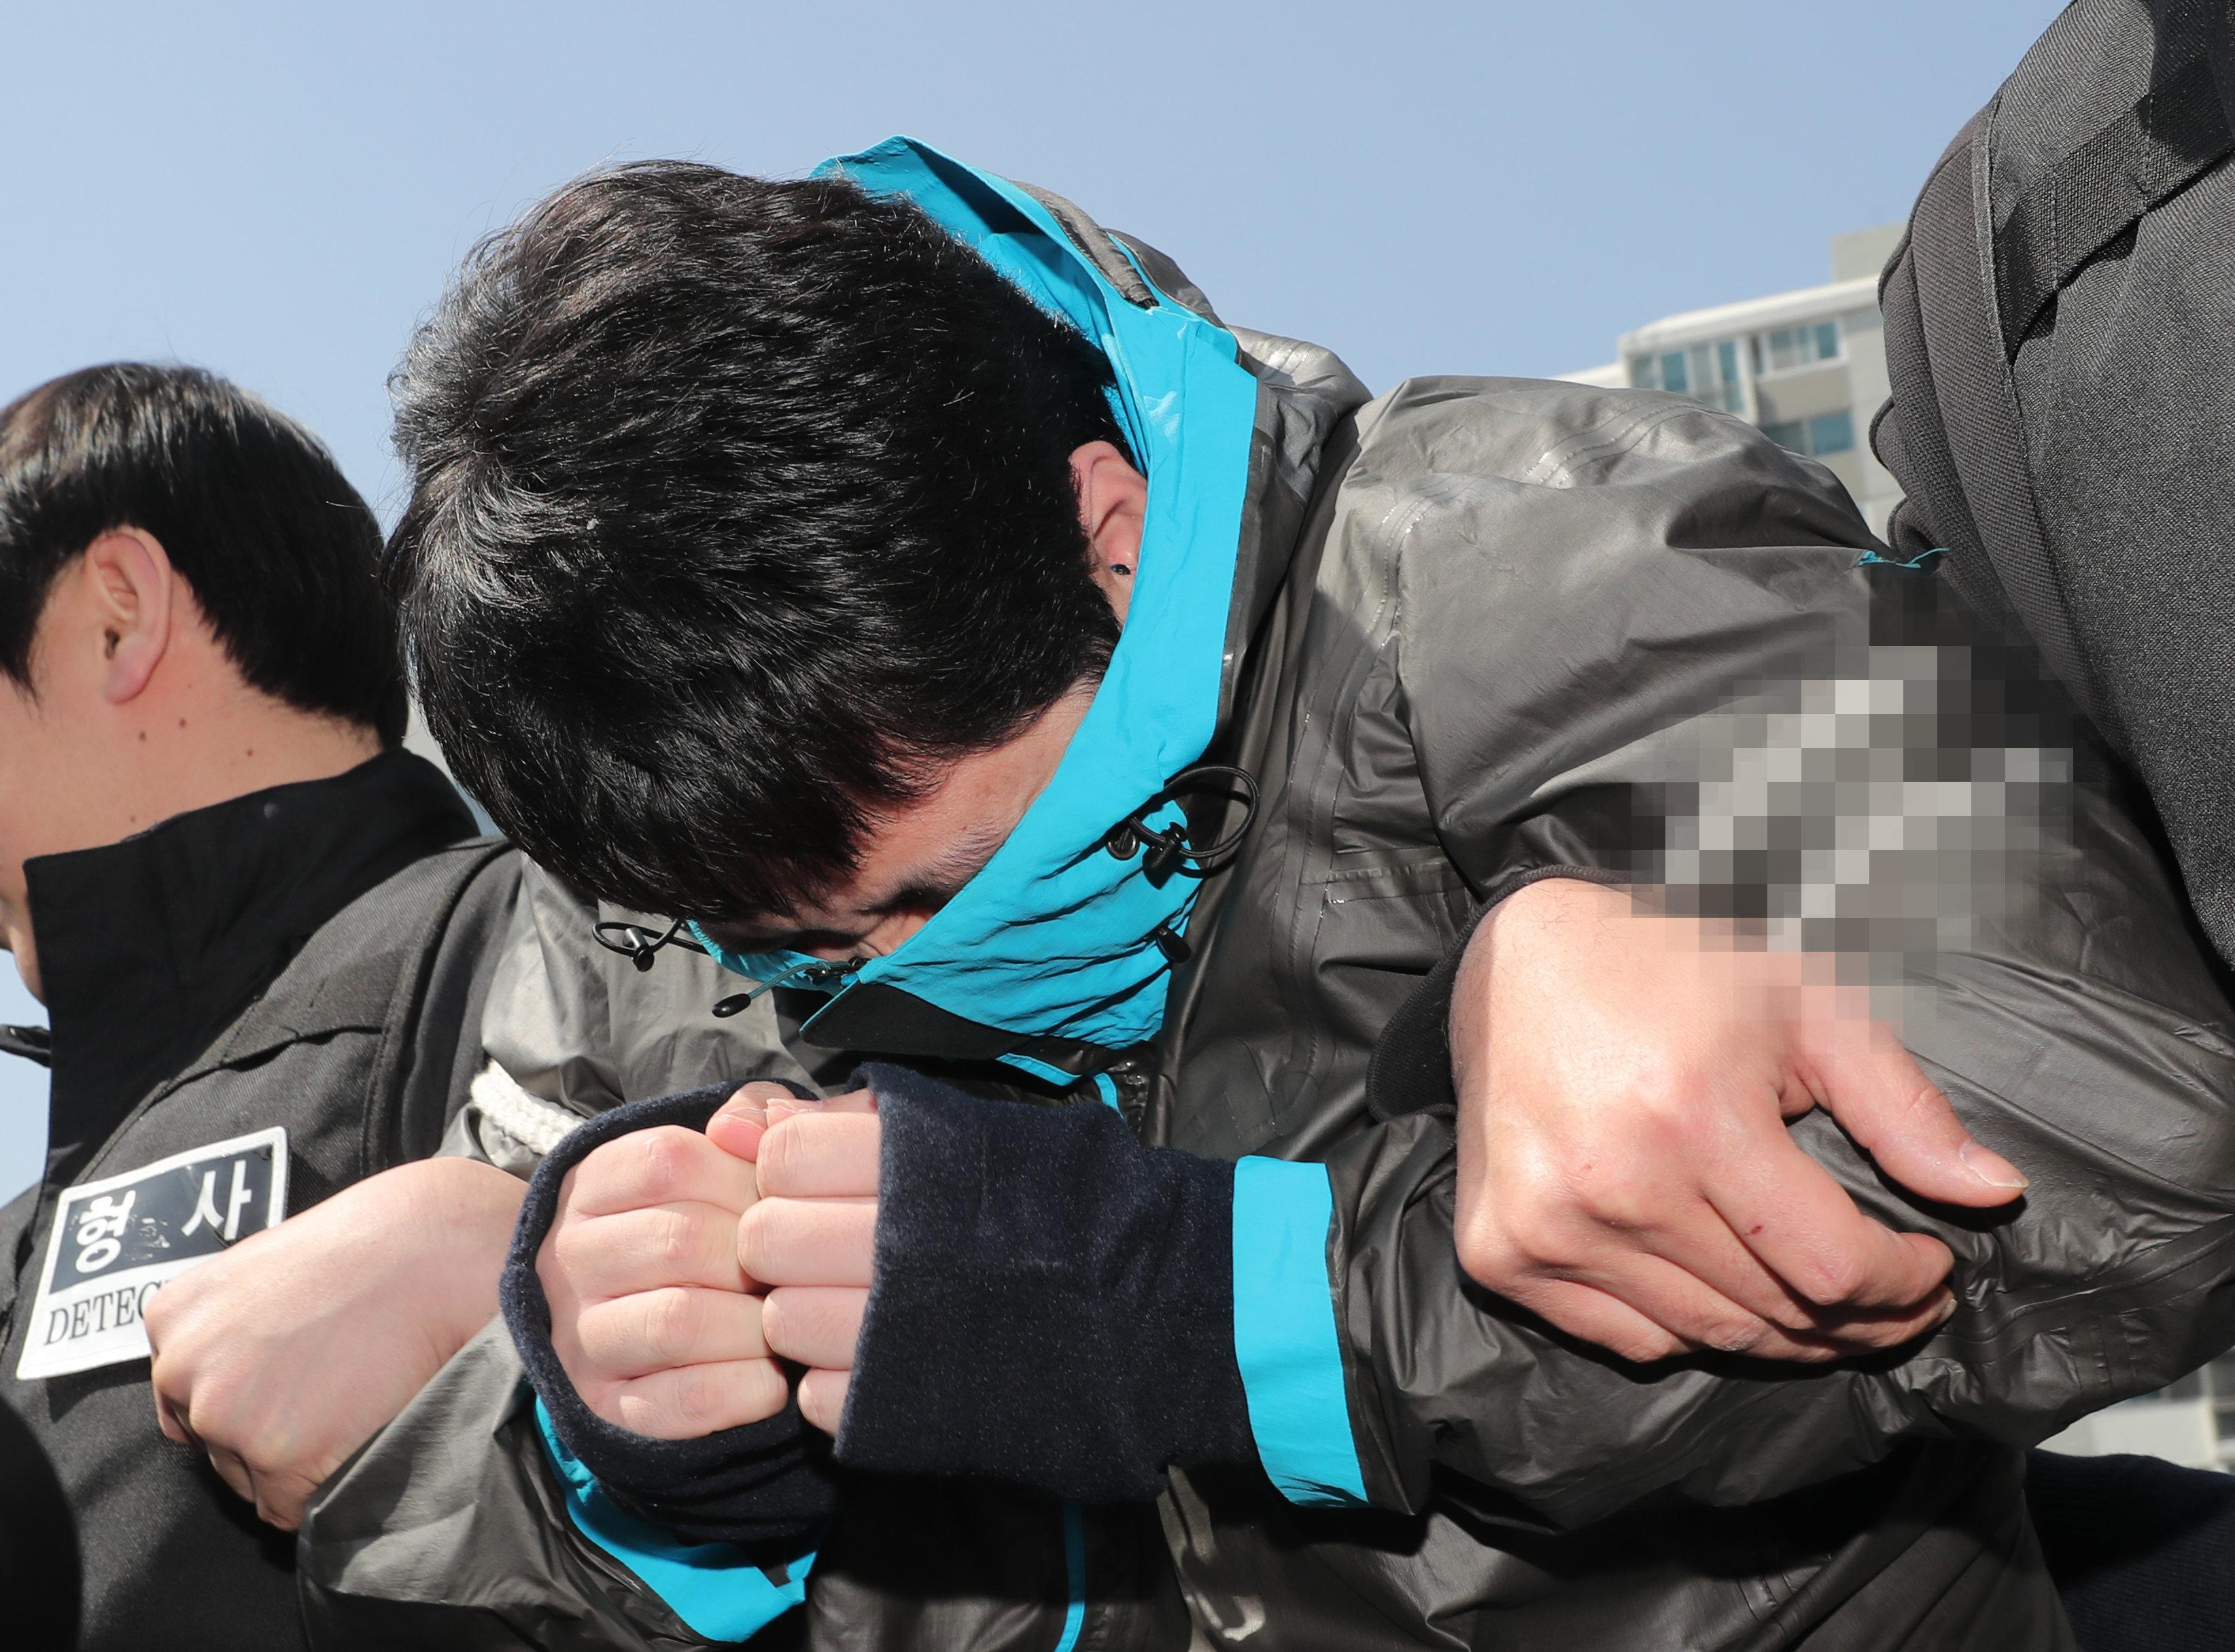 김다운이 이희진의 부모를 상대로 범죄를 저지른 이유가